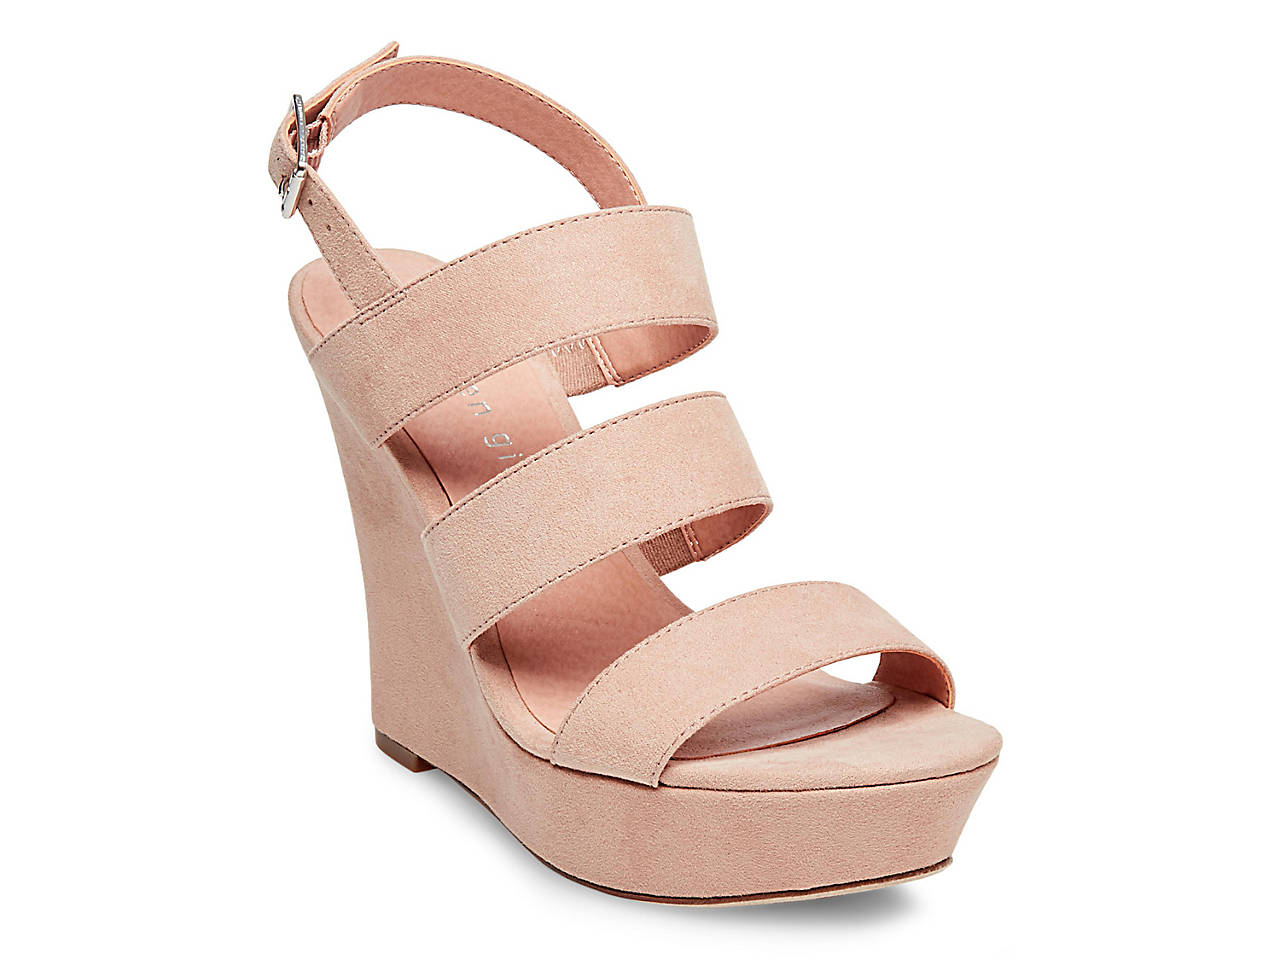 Madden Girl Blenda Wedge Platform Ankle Strap Sandal 30d2OKvN7z